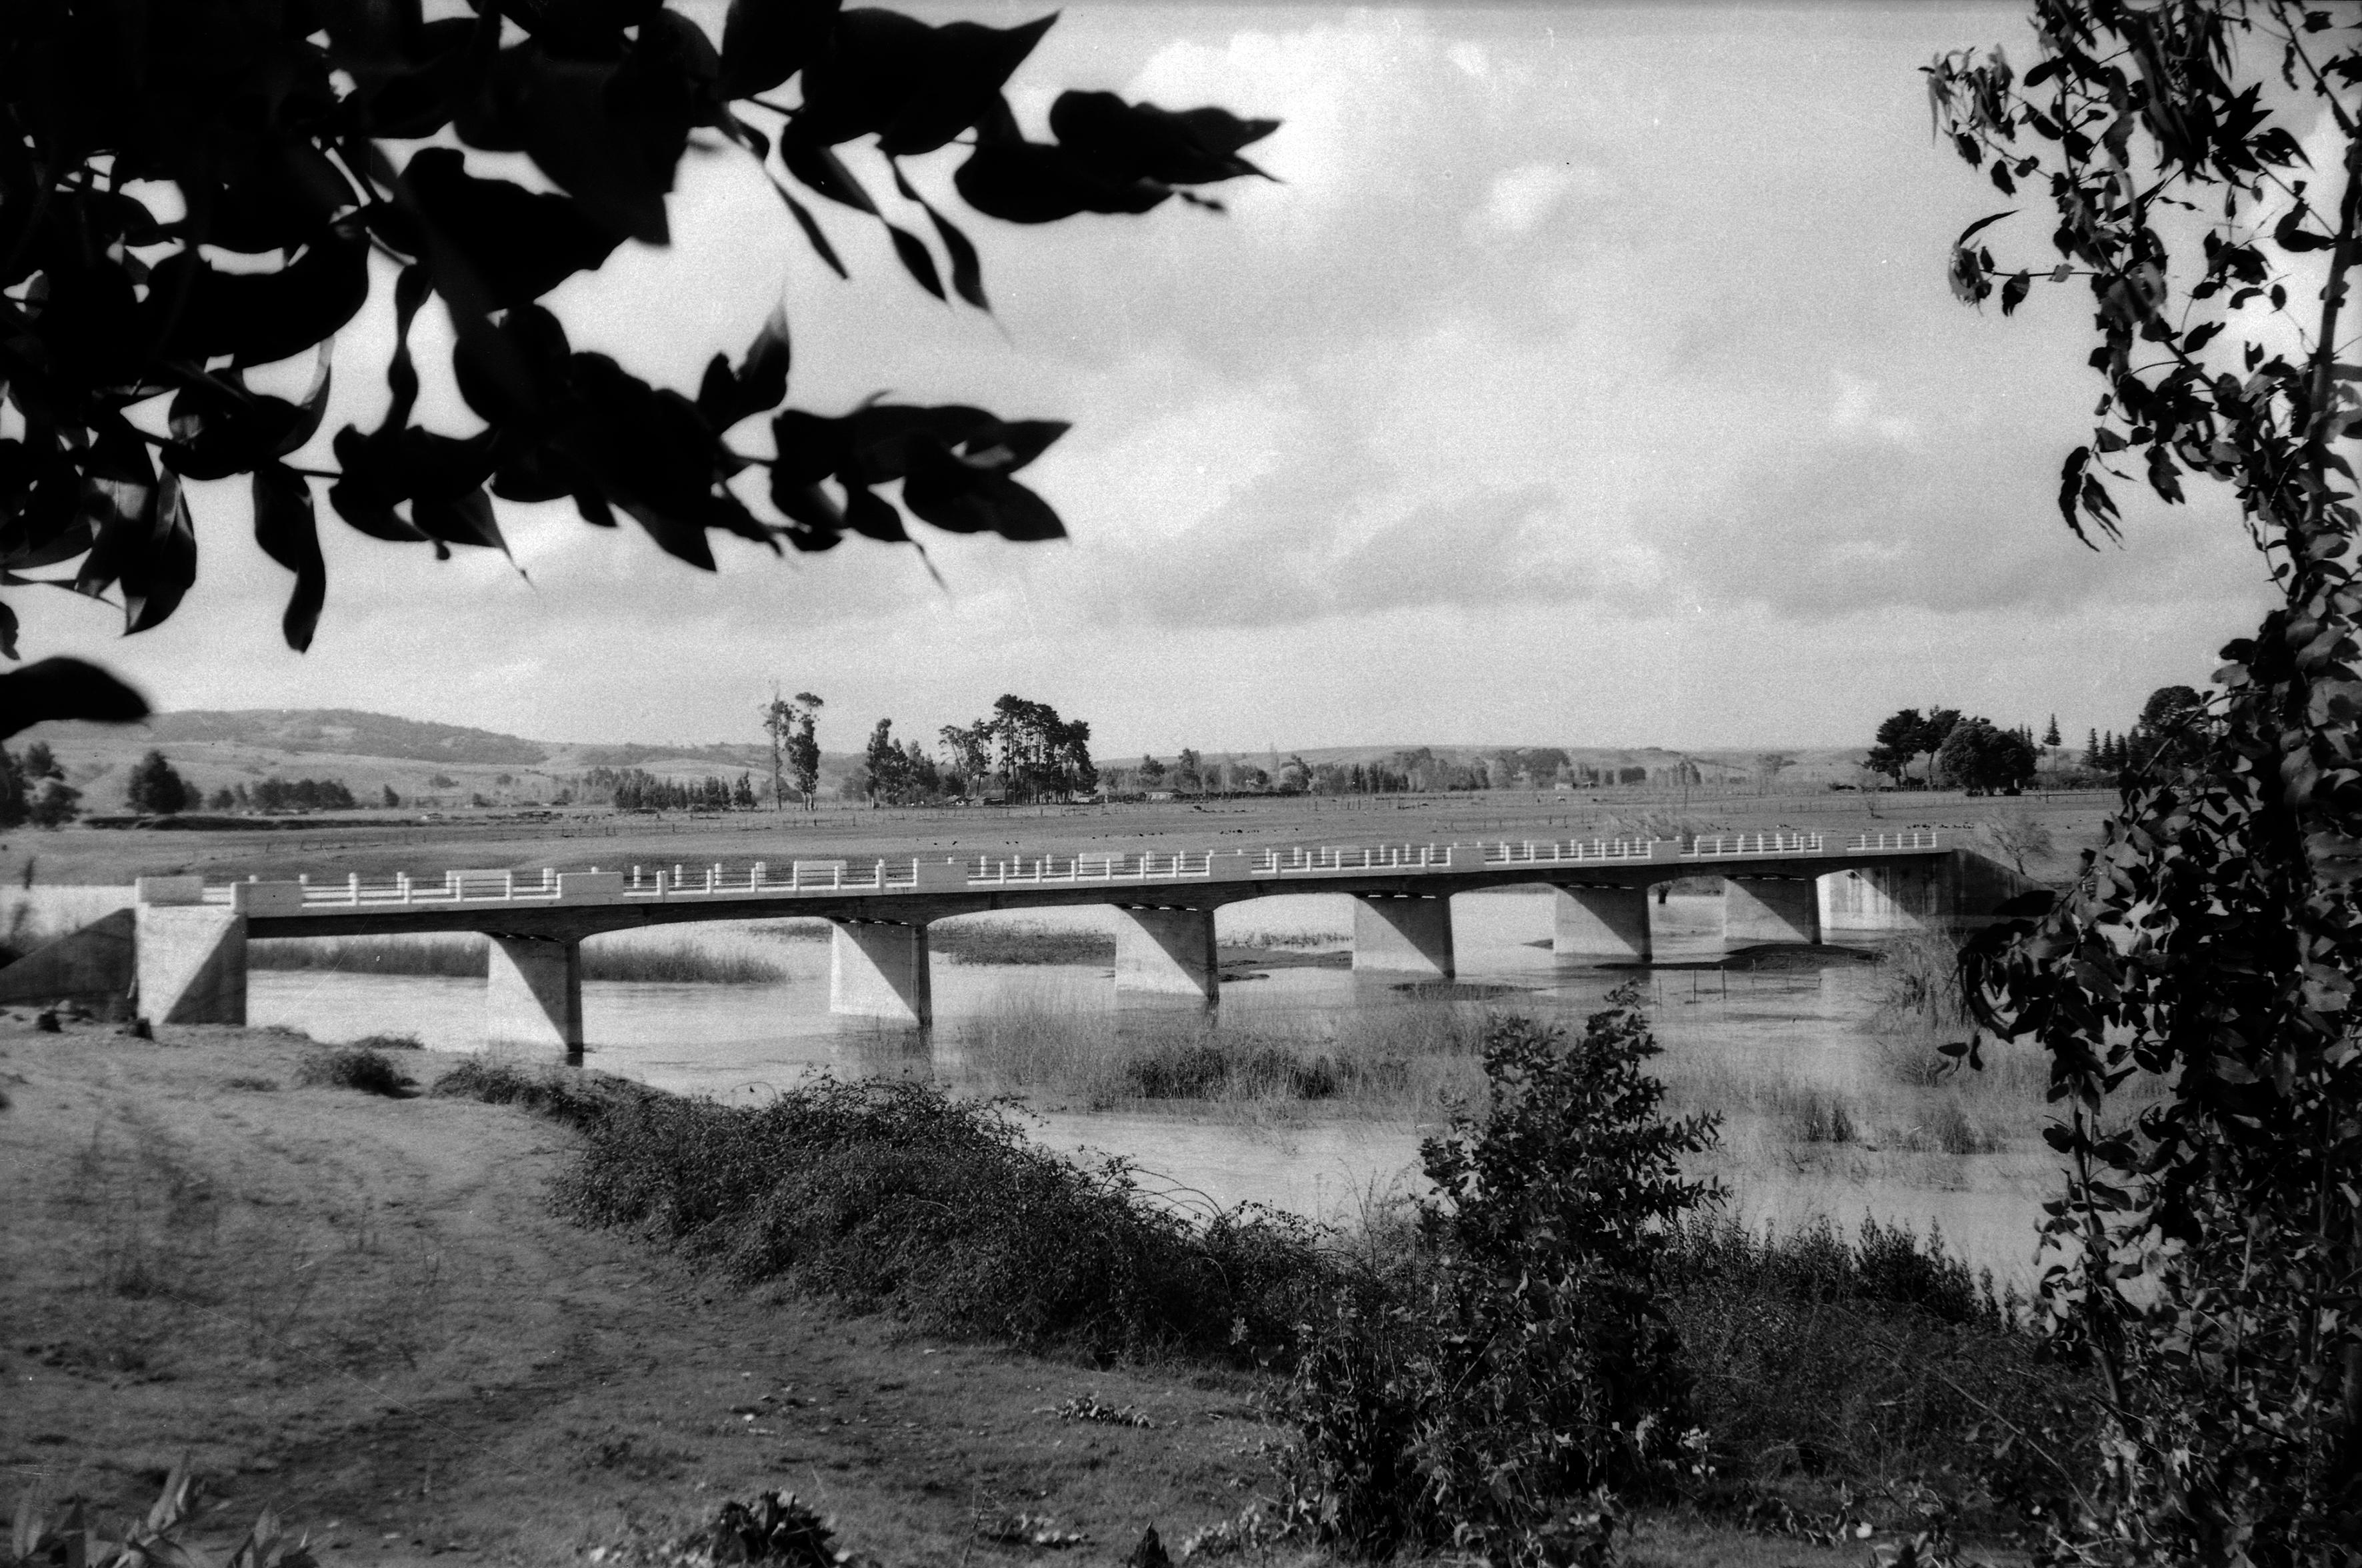 Enterreno - Fotos históricas de chile - fotos antiguas de Chile - Puente Vergara de angol en 1948